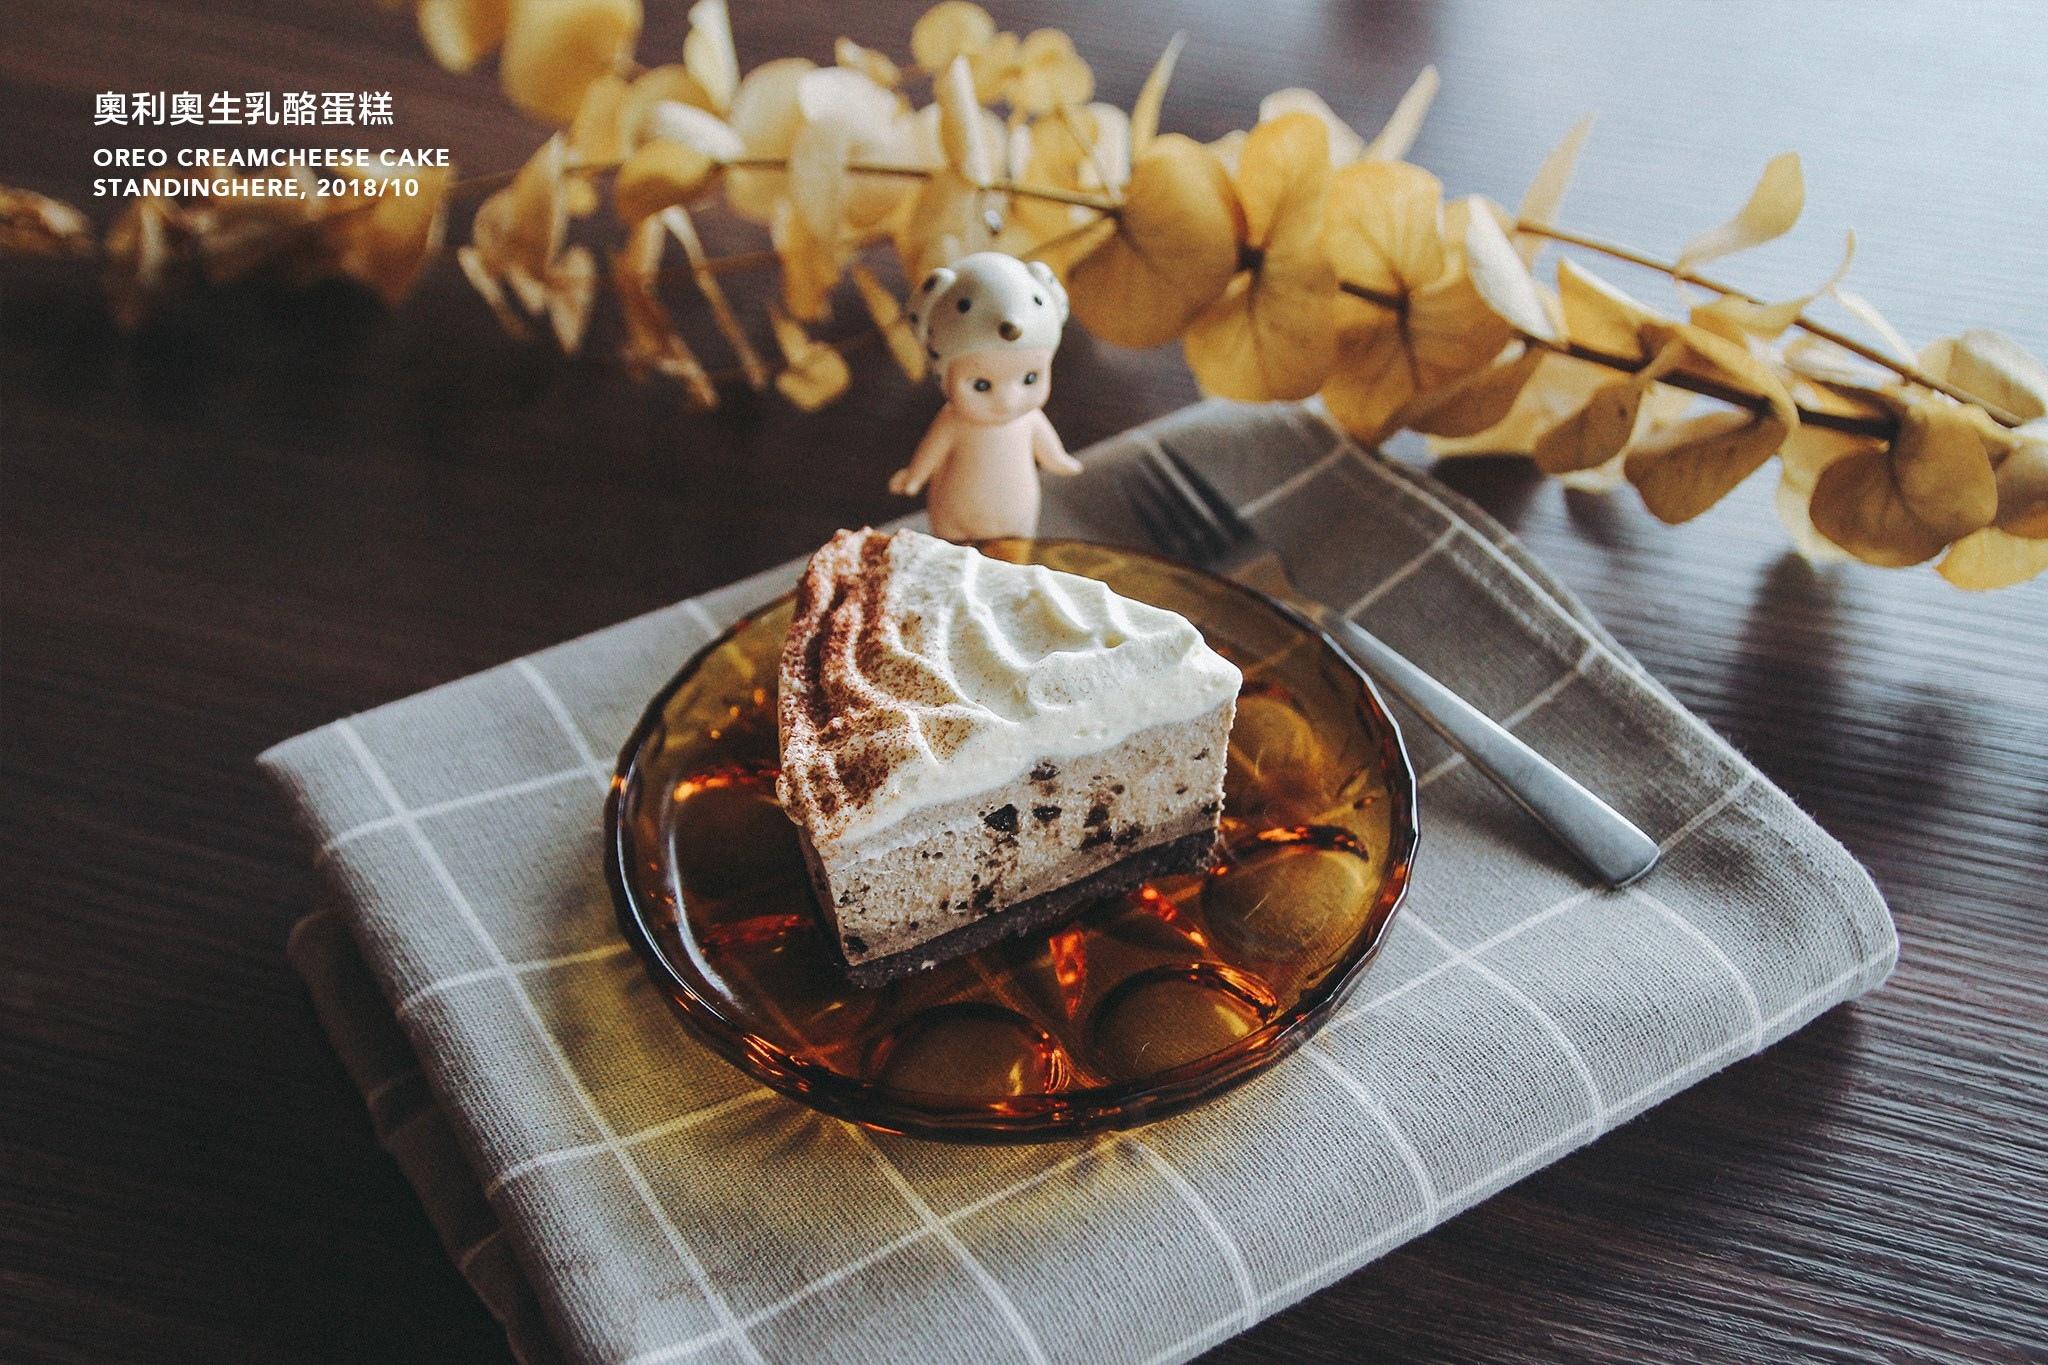 7號驛站X在這手作甜點-OREO生乳酪.jpg